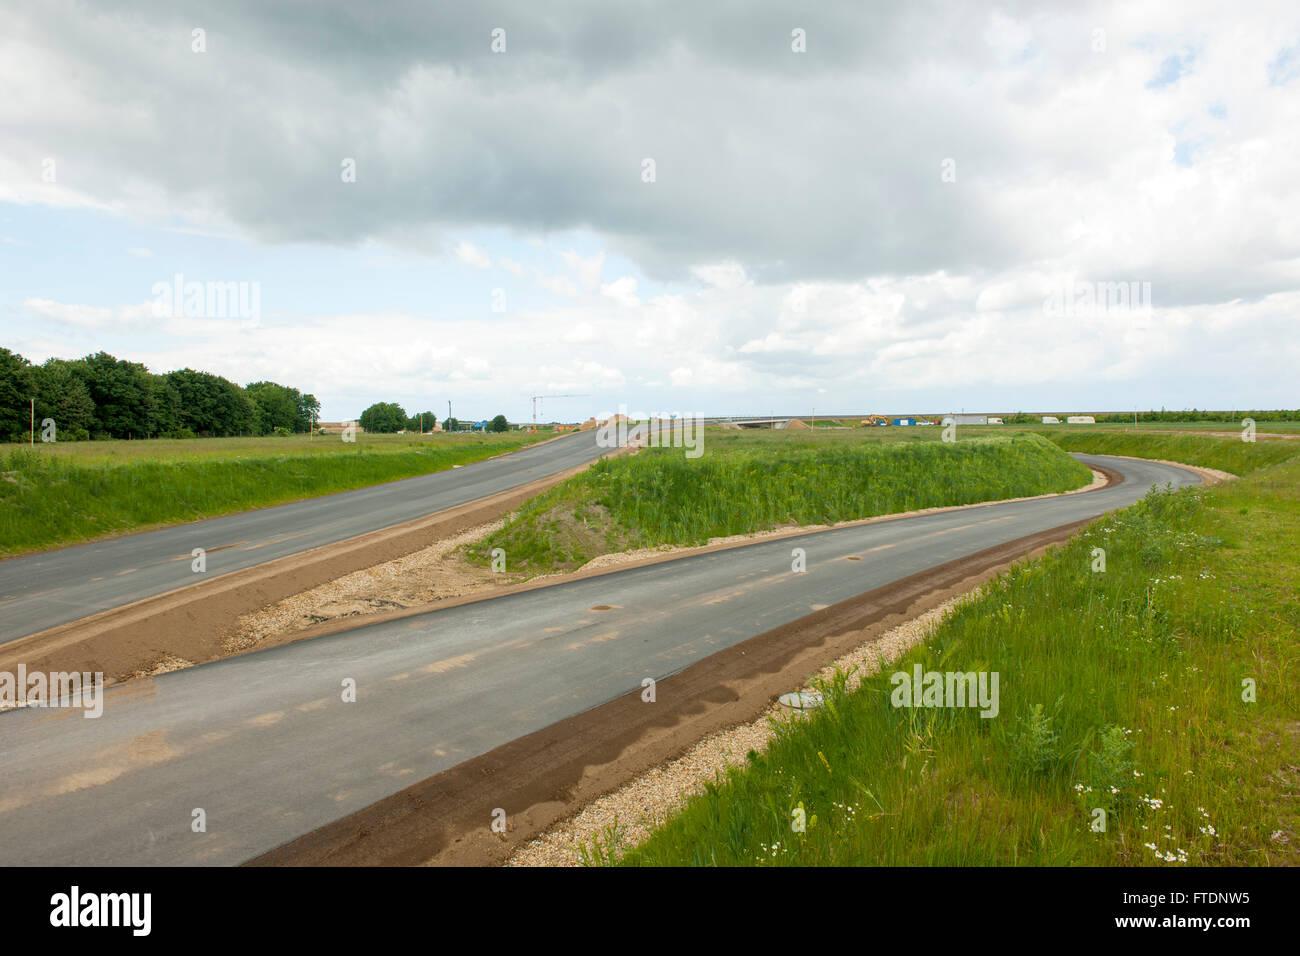 BRD, Deutschland, NRW, Rhein-Kreis Neuss, Baustelle des neuen Autobahnkreuzes Jackerath Stock Photo